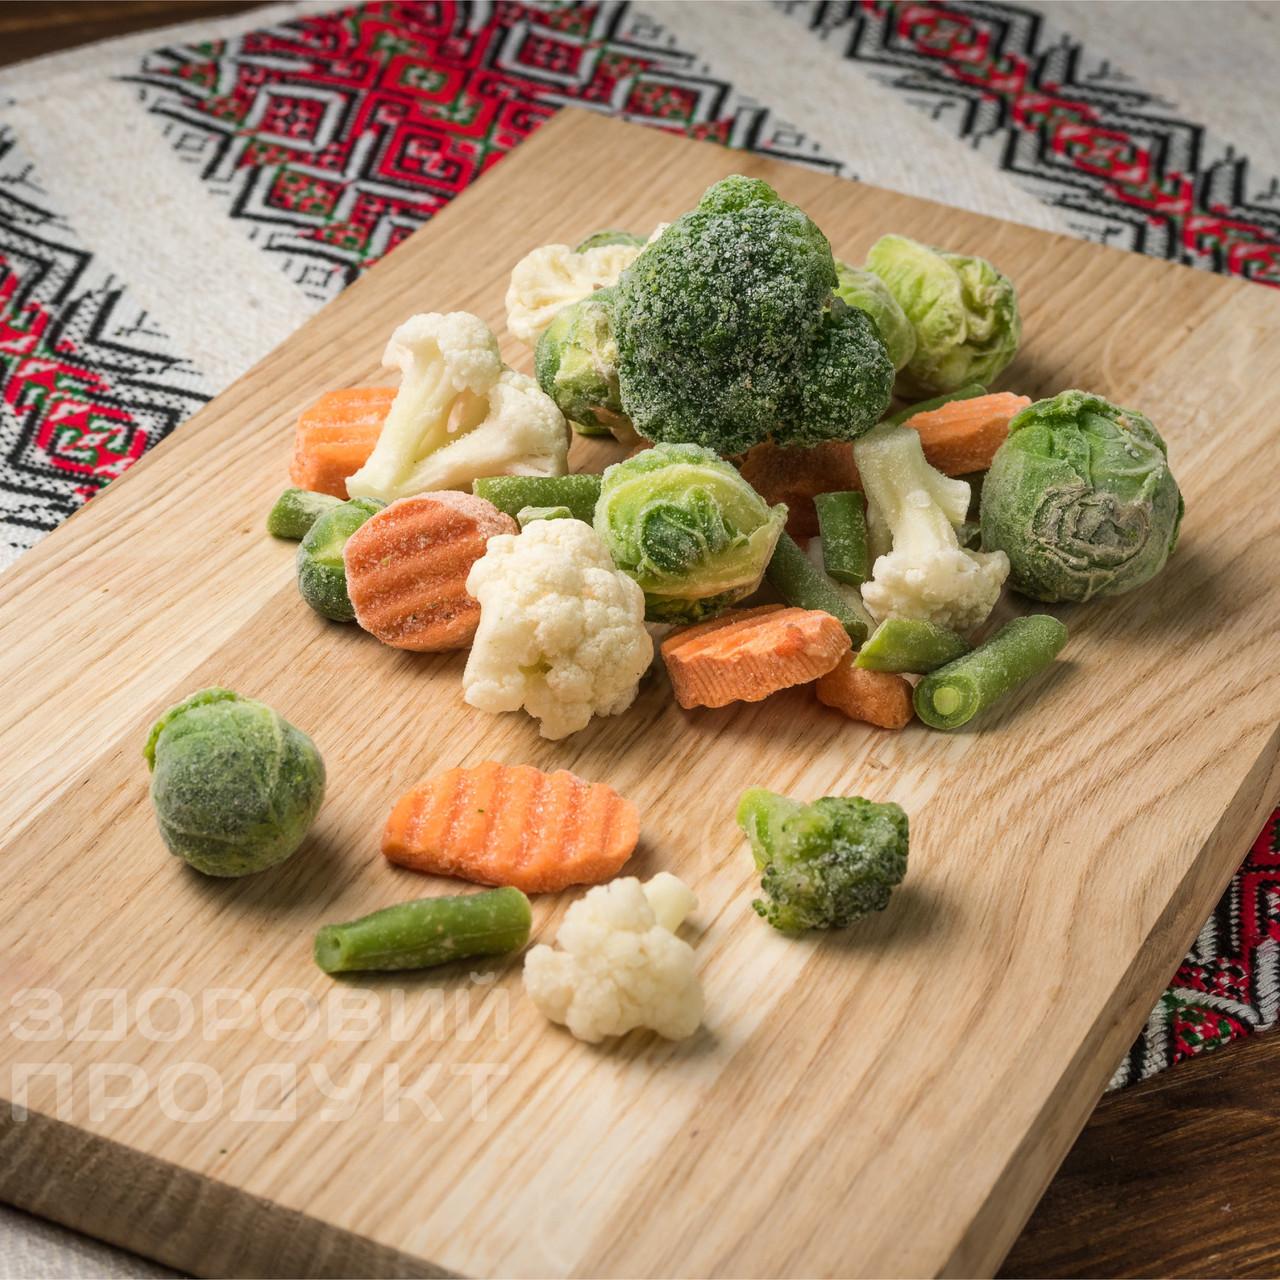 """Смесь """"Весенняя"""" (морковь, фасоль стручковая, брокколи, капуста цветная, капуста брюссельская) замороженная"""